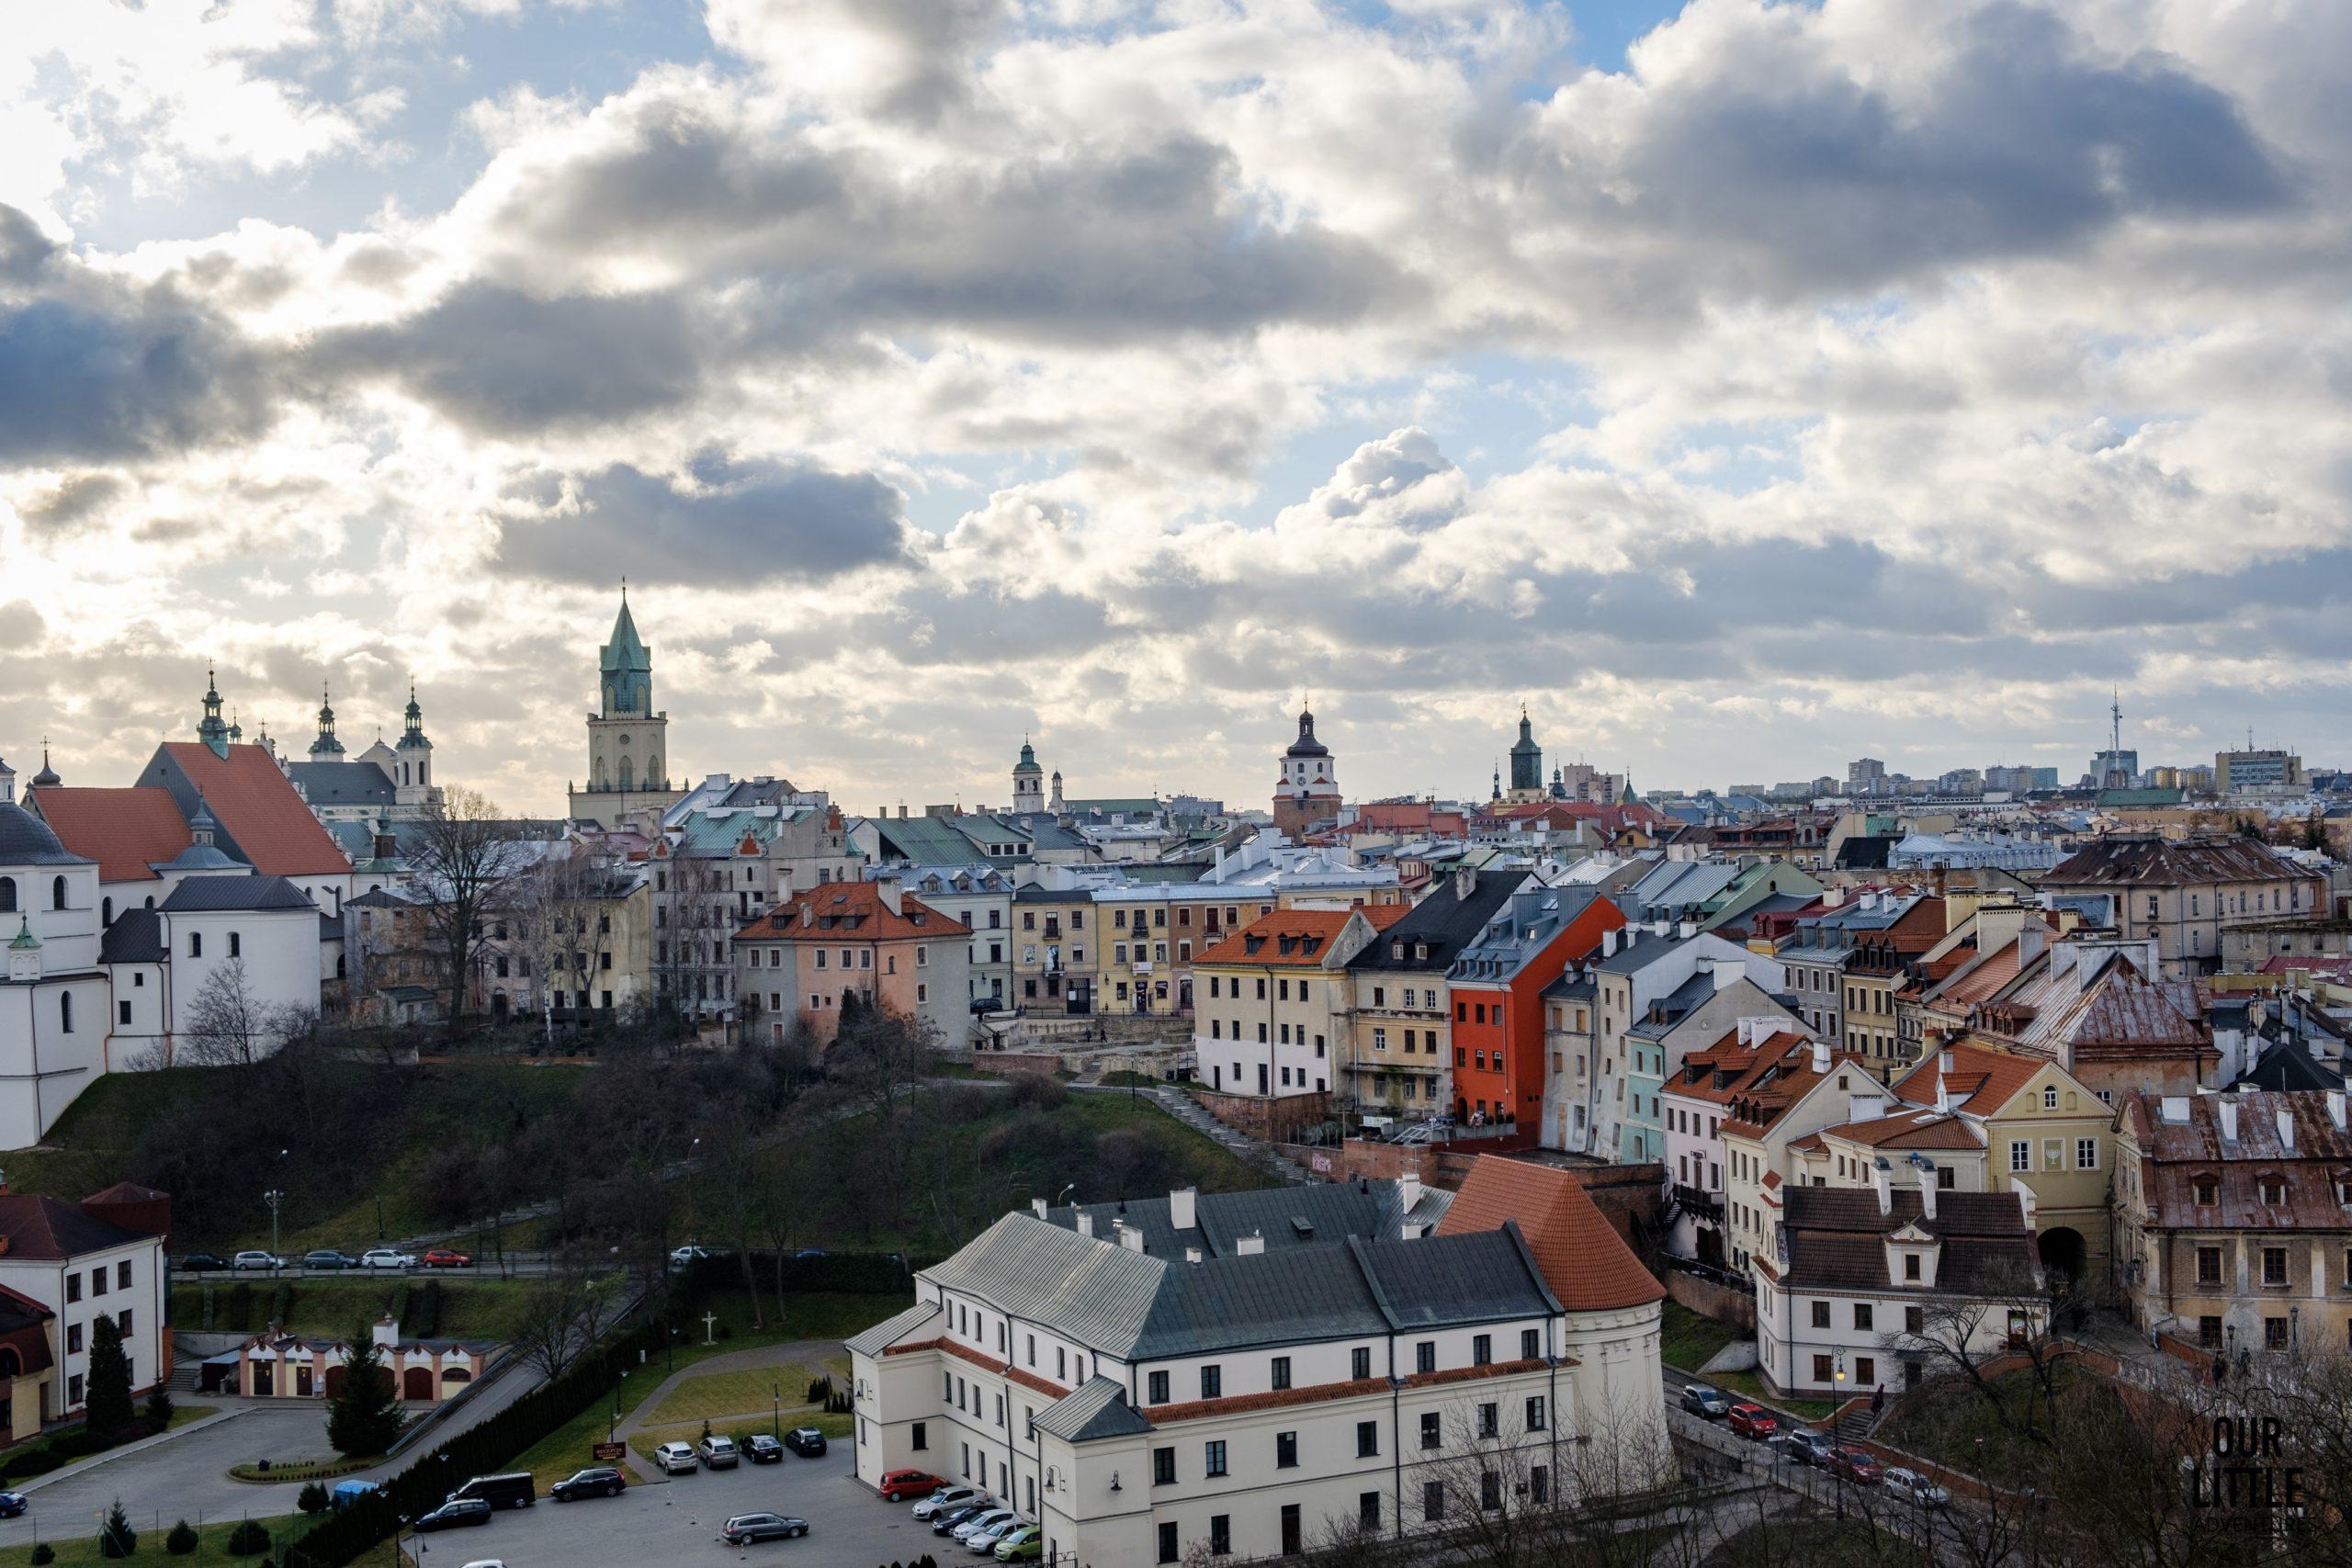 Panorama Lublina z baszty na zamku - warto zobaczyć w ramach spaceru po Lublinie